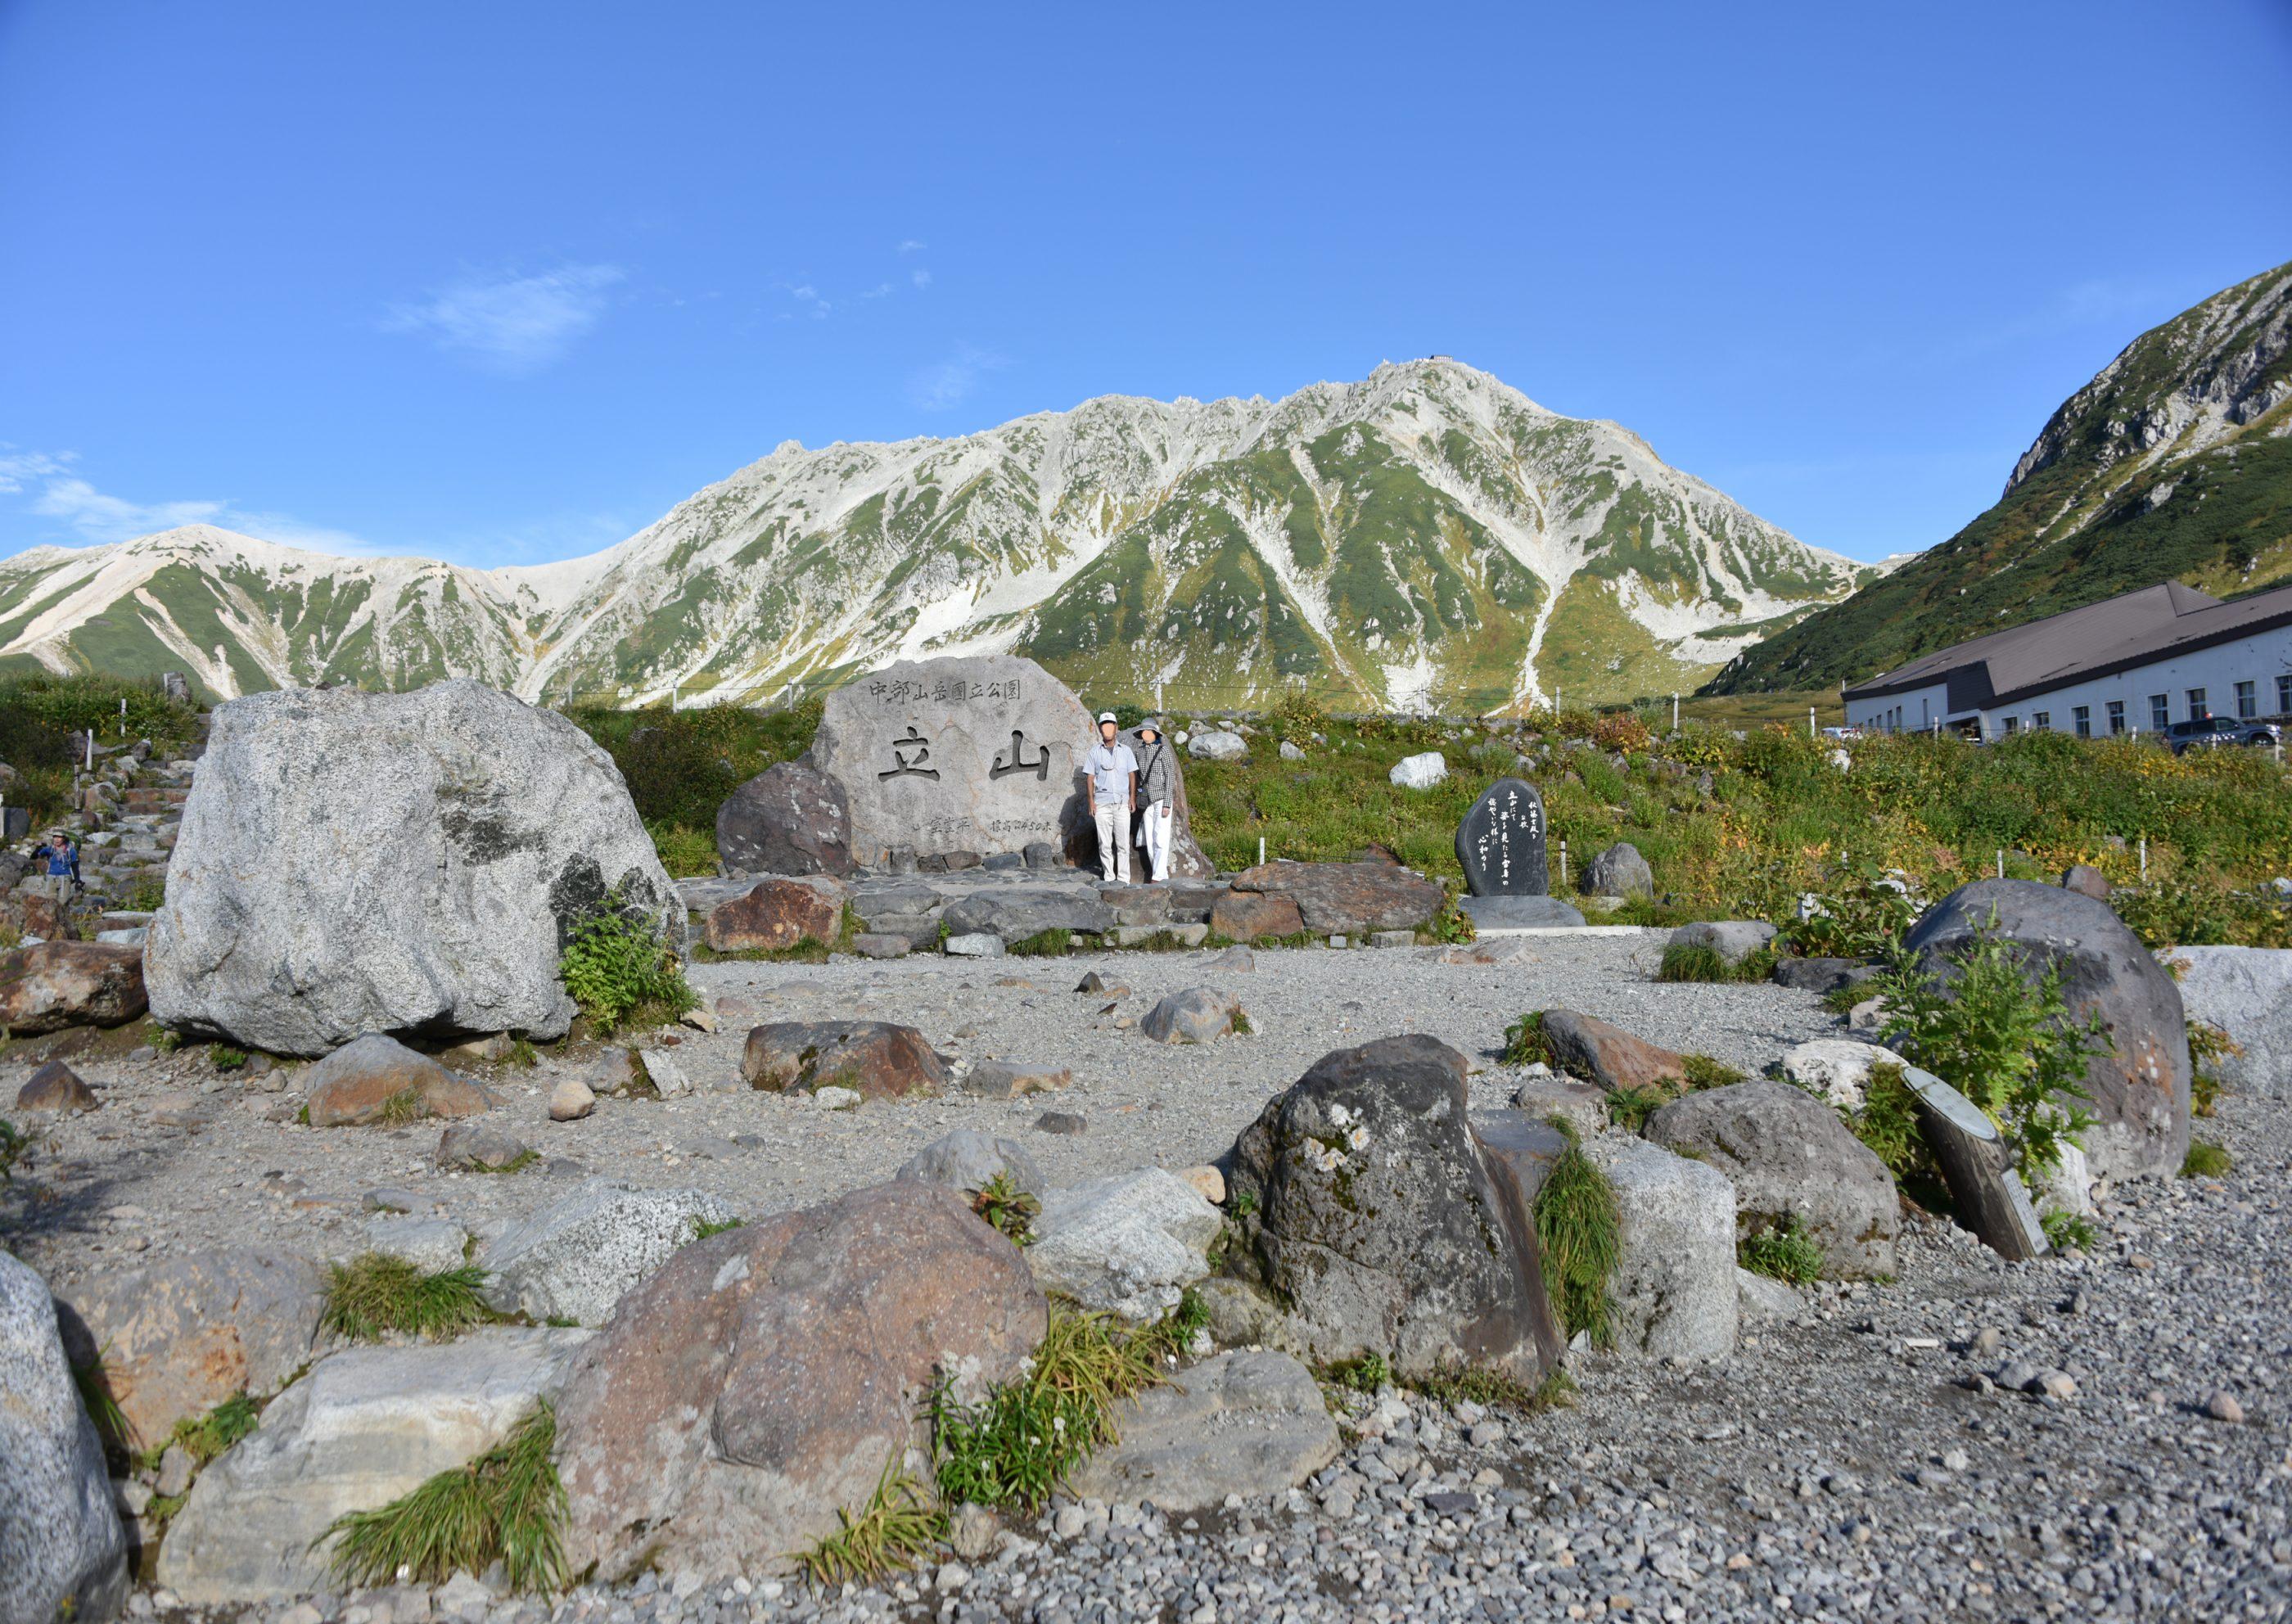 ⇑ 立山 室堂から頂上をのぞむ 天気も良く綺麗でした。想像以上のものが有りました。